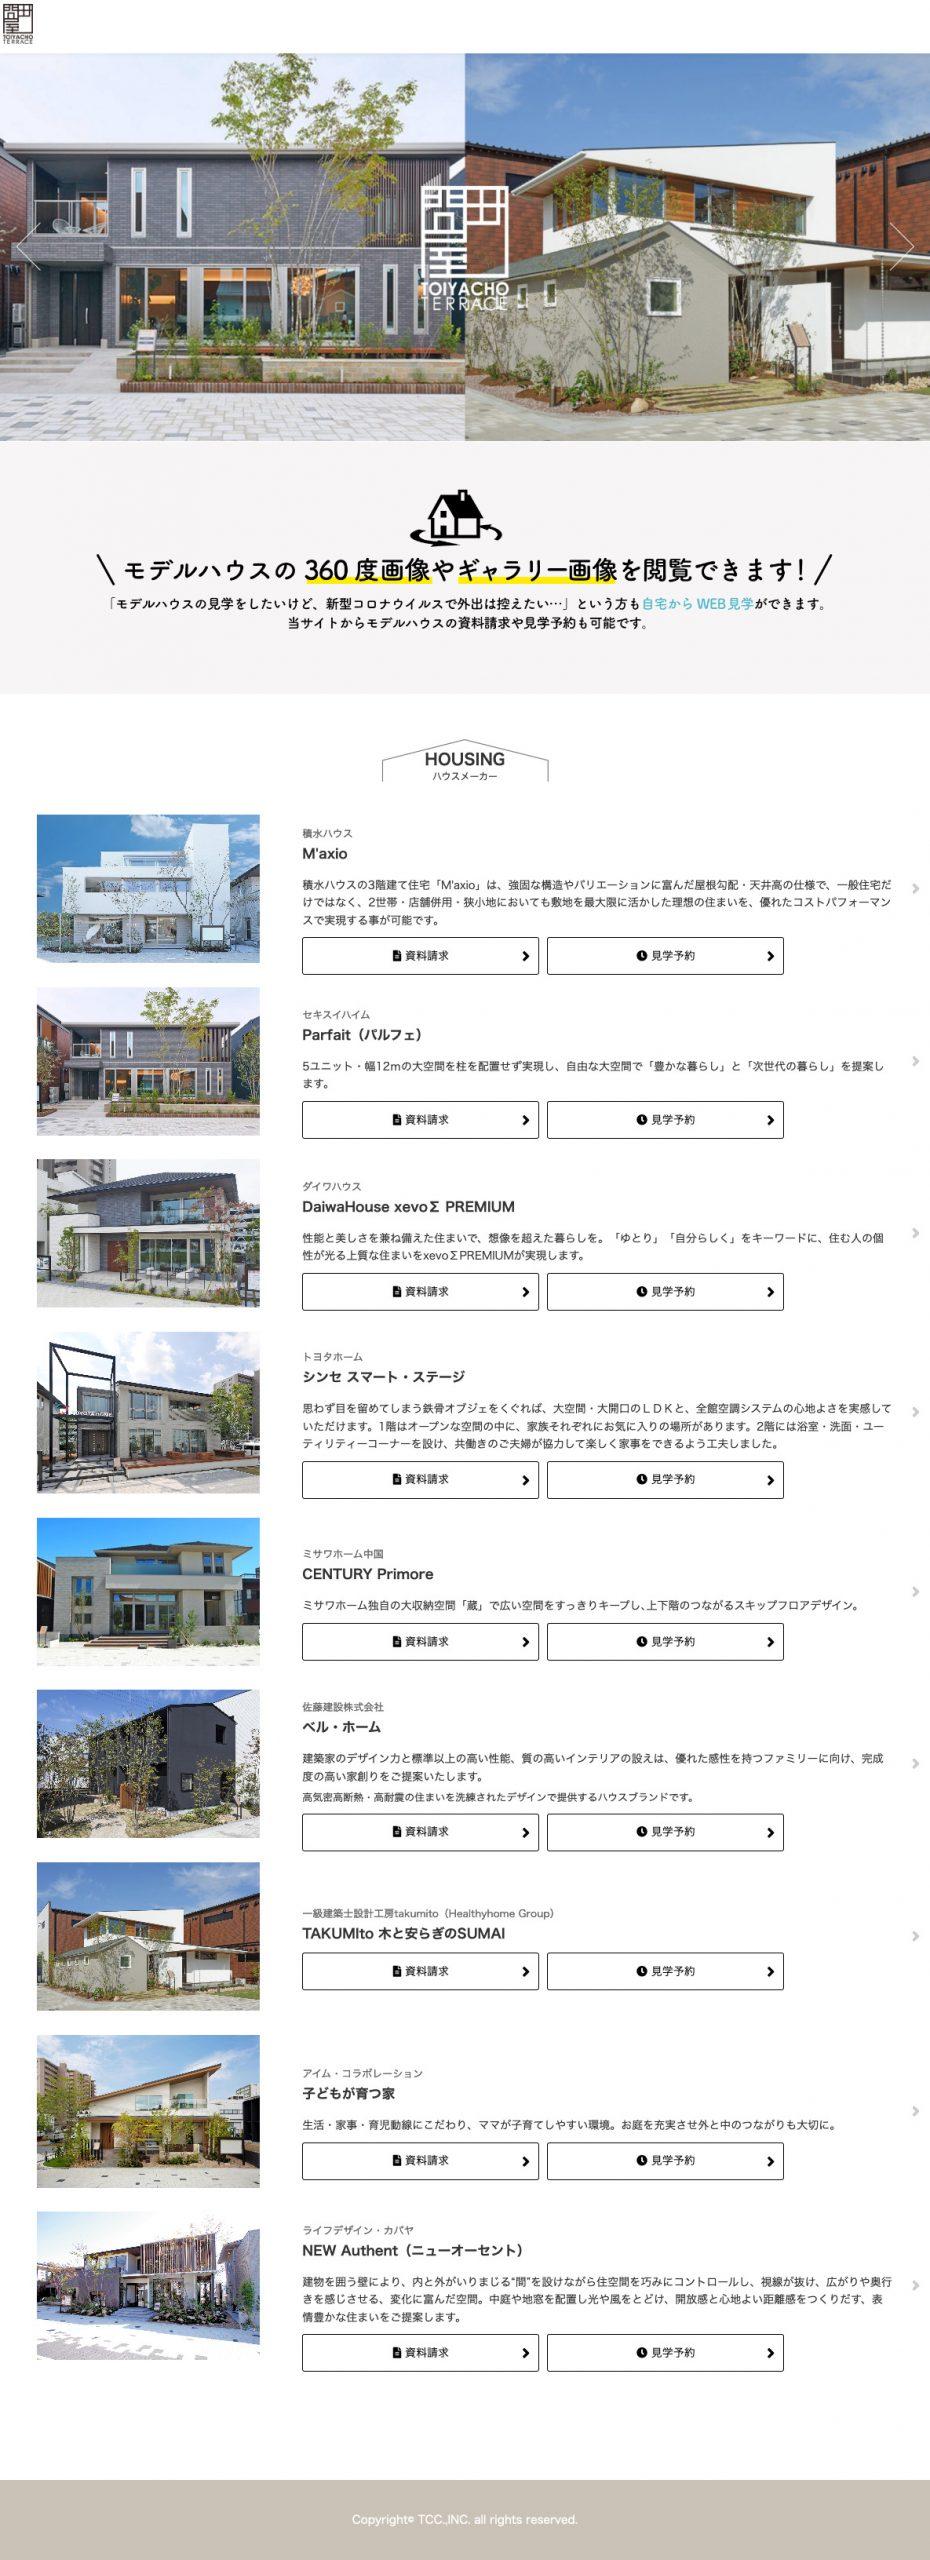 360°ビュー オンライン住宅展示場 特設サイト制作